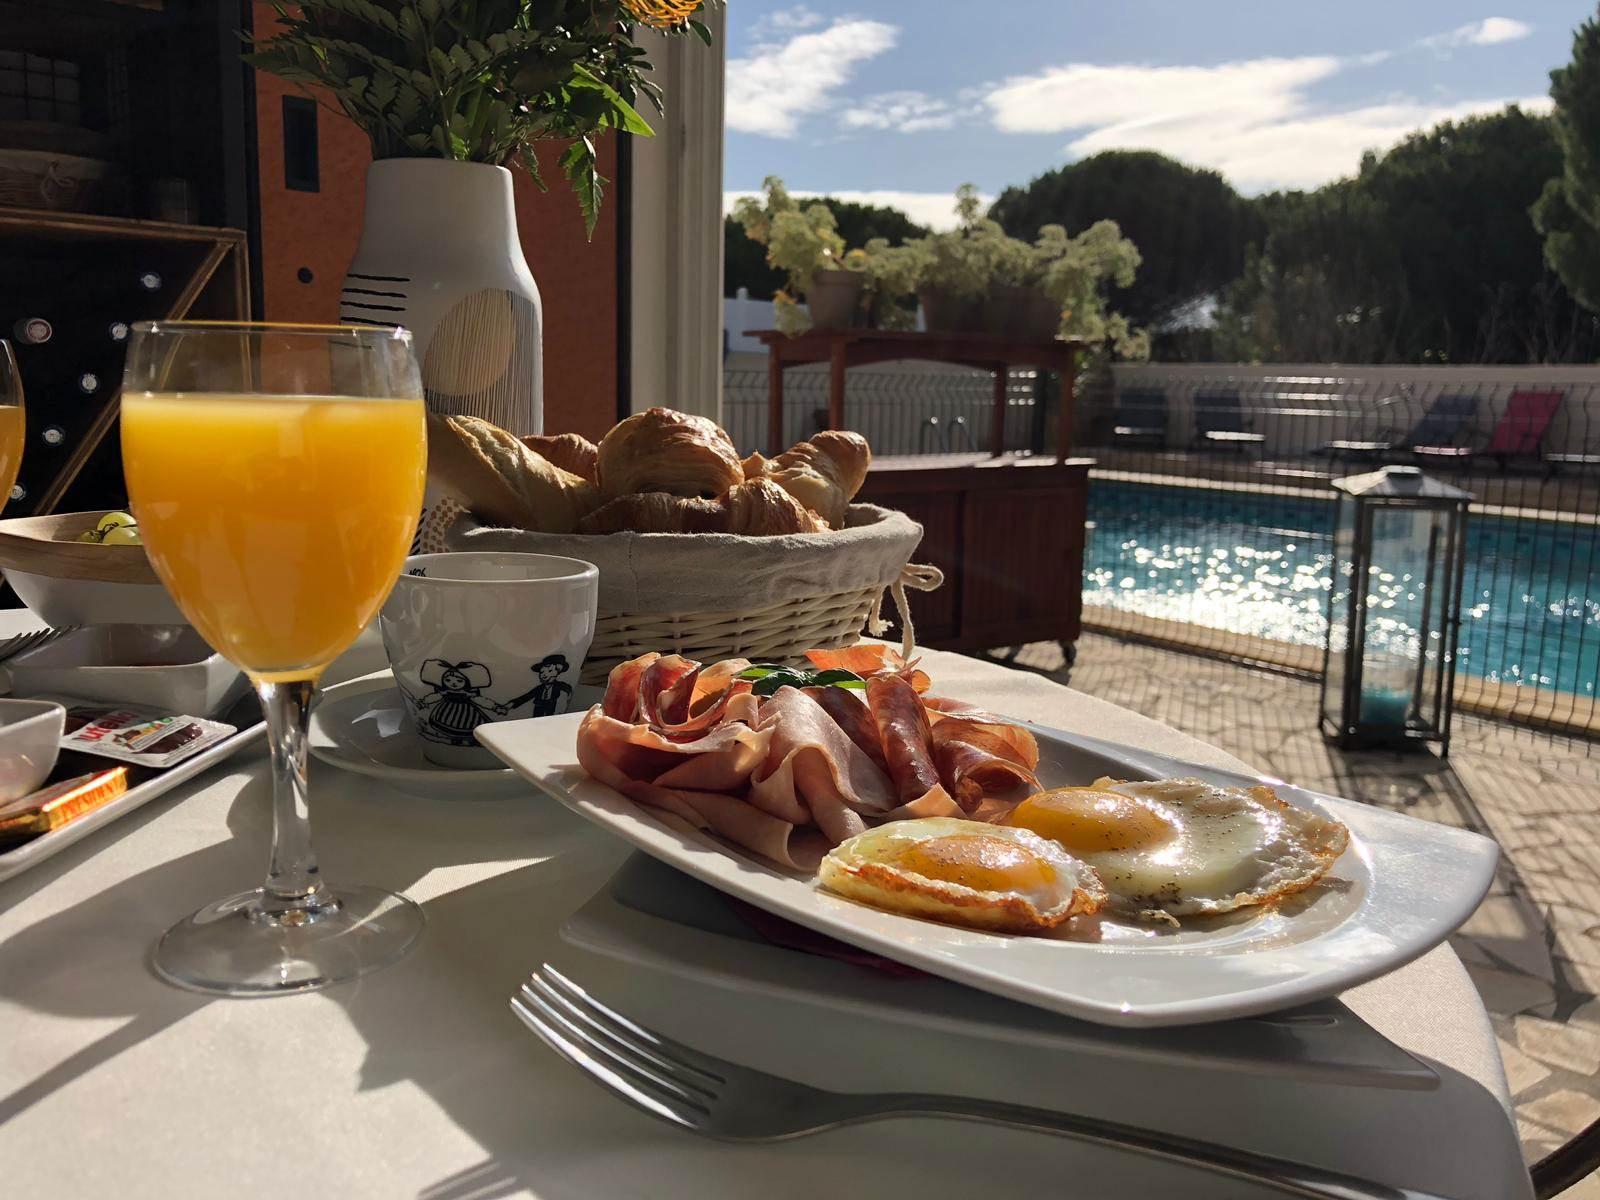 Oeuf et charcuterie au petit déjeuner